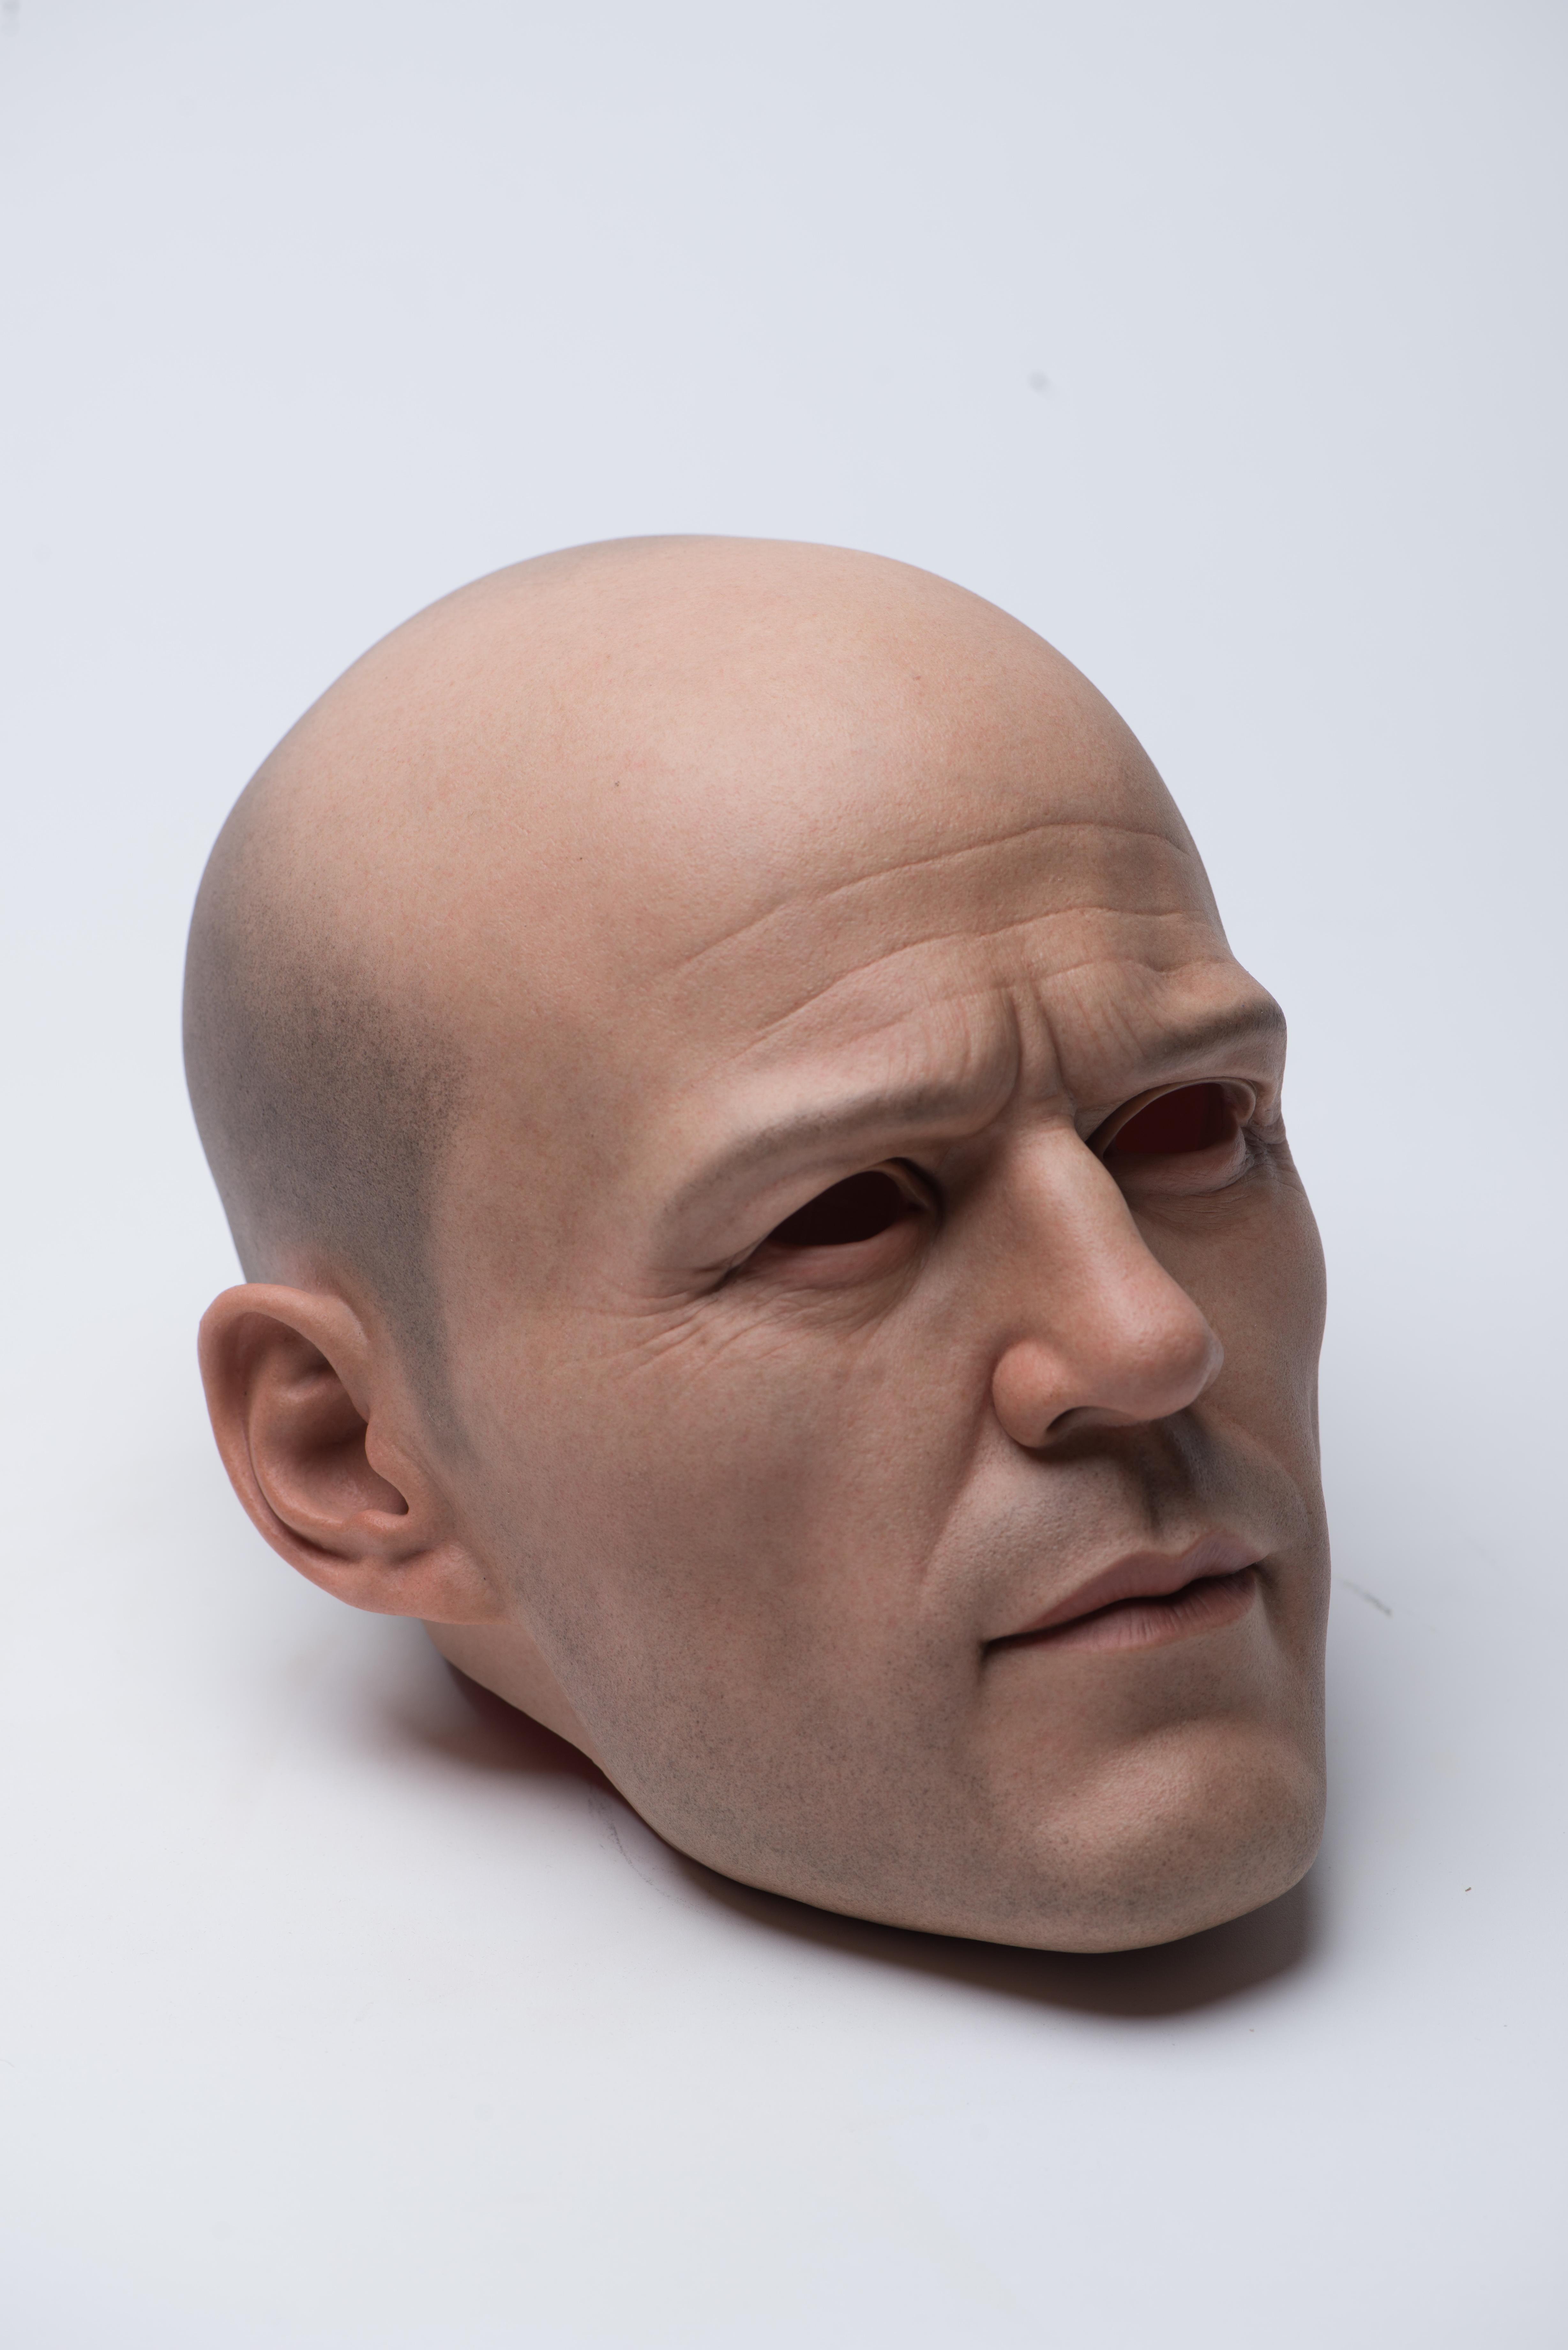 Jason Statham's sculptured head